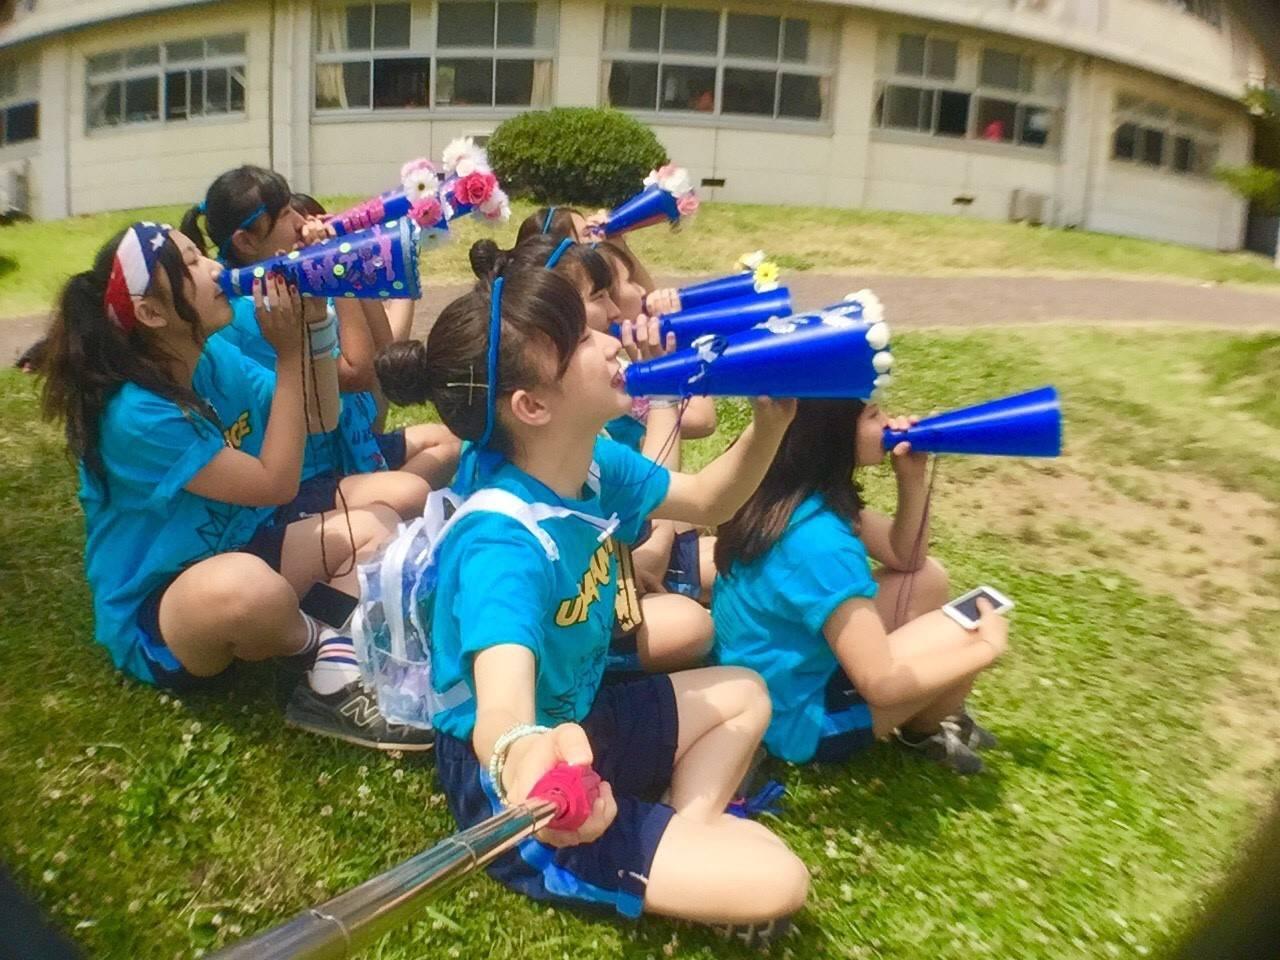 「女子高生が令和最初の体育祭で流したいアーティスト」嵐やワンオクを抑え1位に輝いたのは…